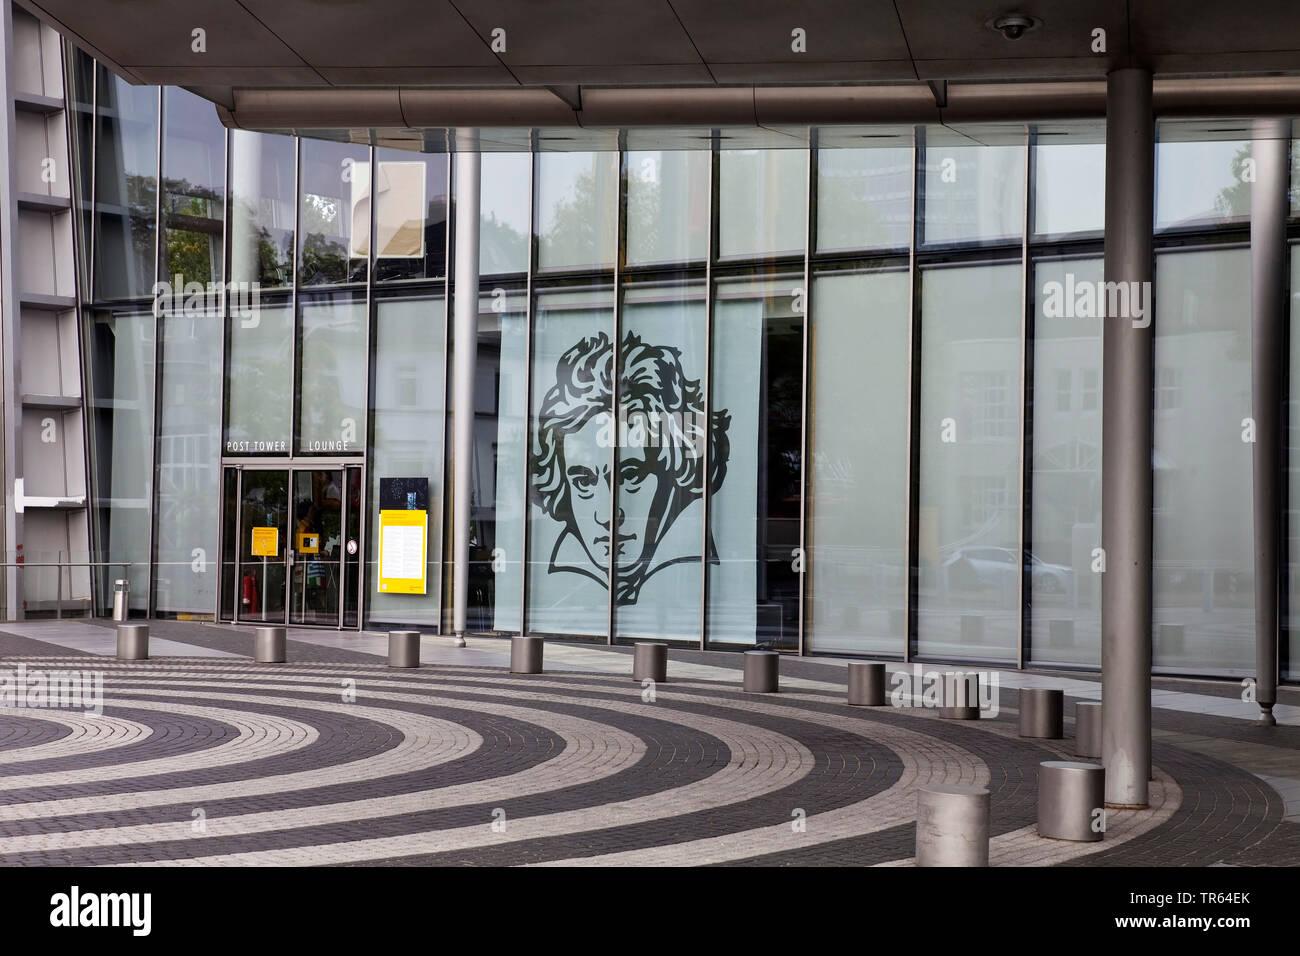 Bild von Ludwig van Beethoven an der Glasfassade am Post Tower, Deutschland, Nordrhein-Westfalen, Rheinland, Bonn   drawing of Ludwig van Beethoven at - Stock Image